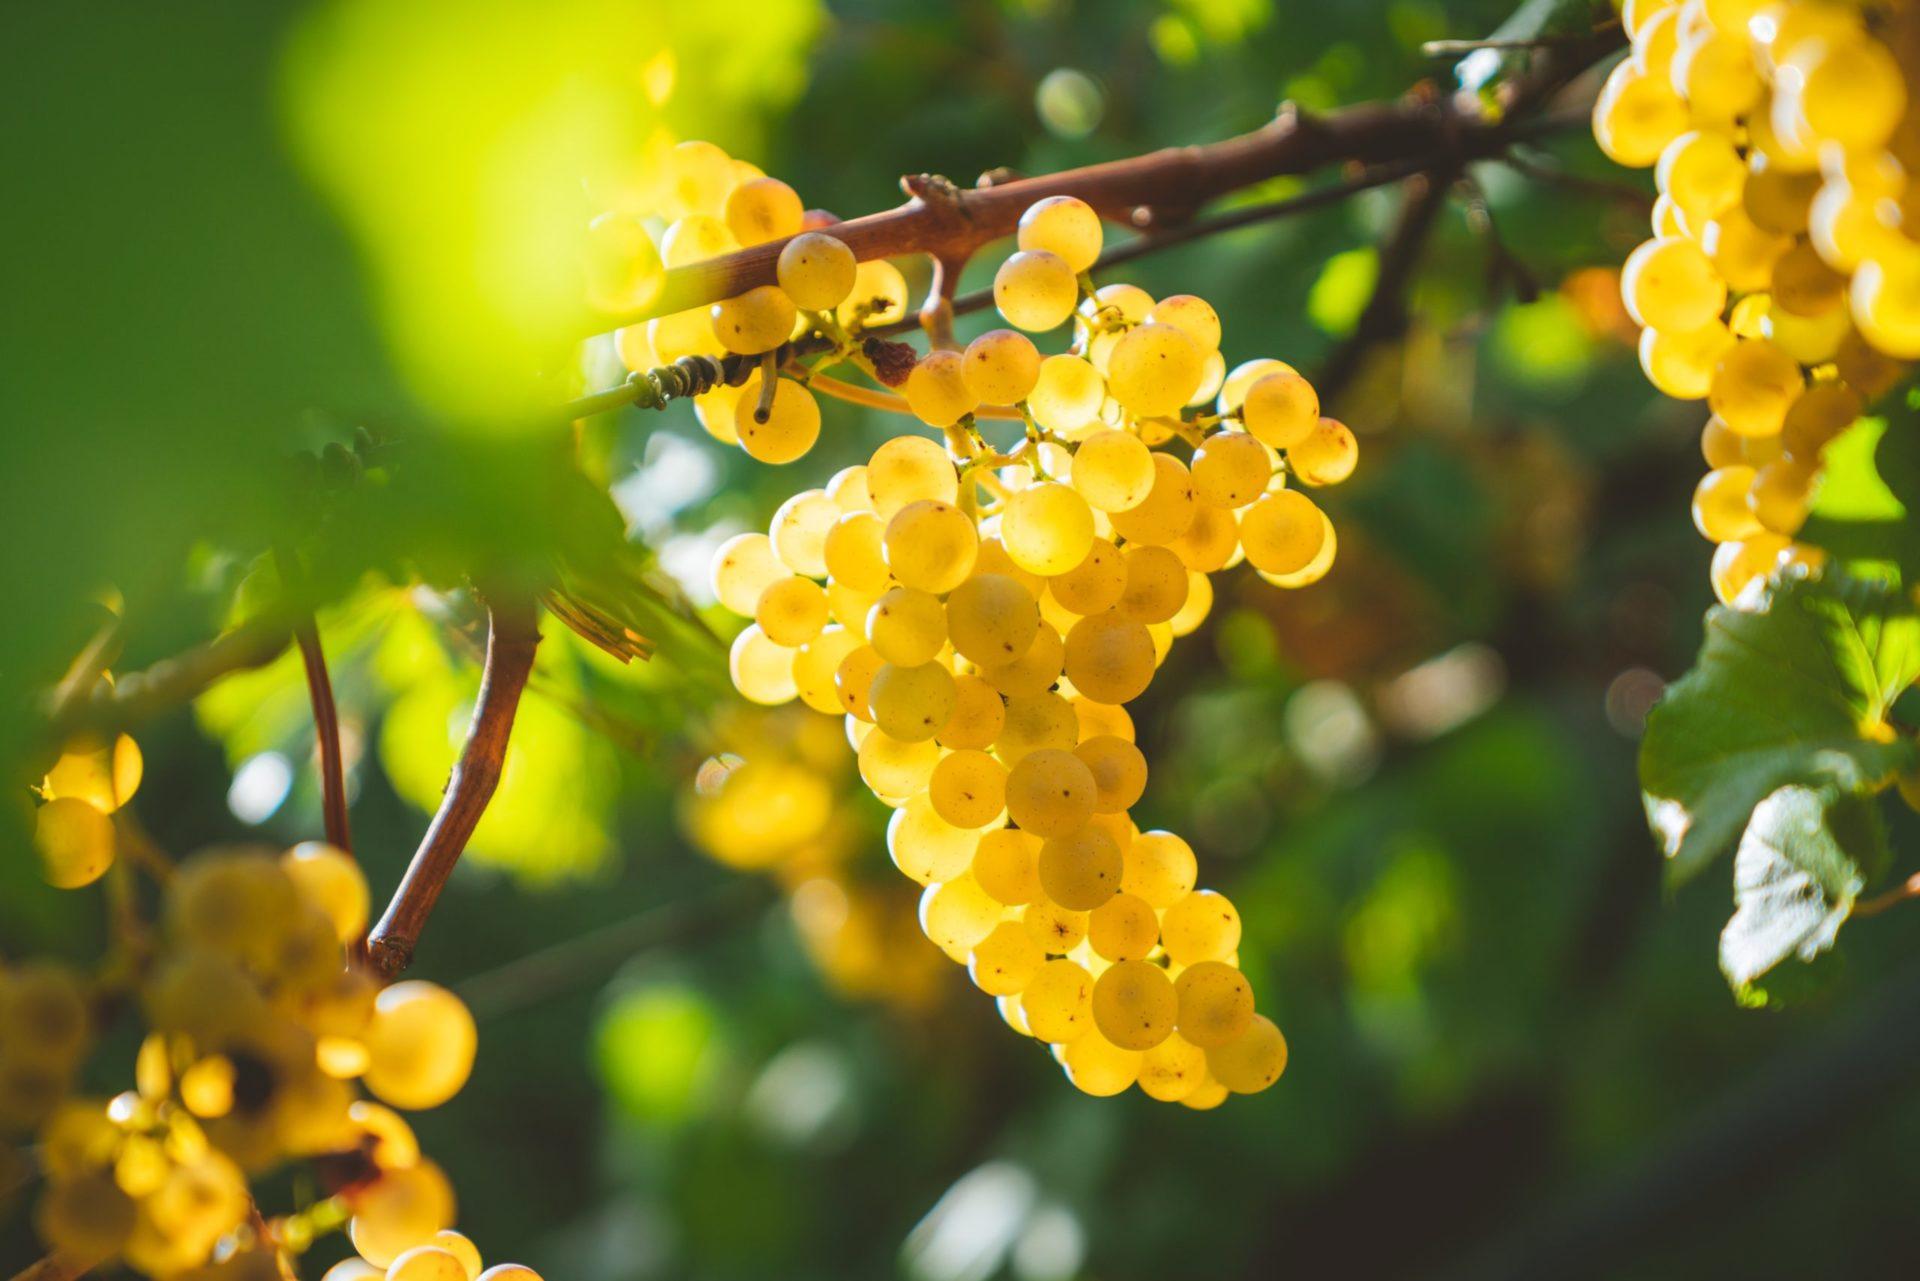 白ワイン用の主要ブドウ品種8個とその特徴をわかりやすく解説します!【ワイン入門編】